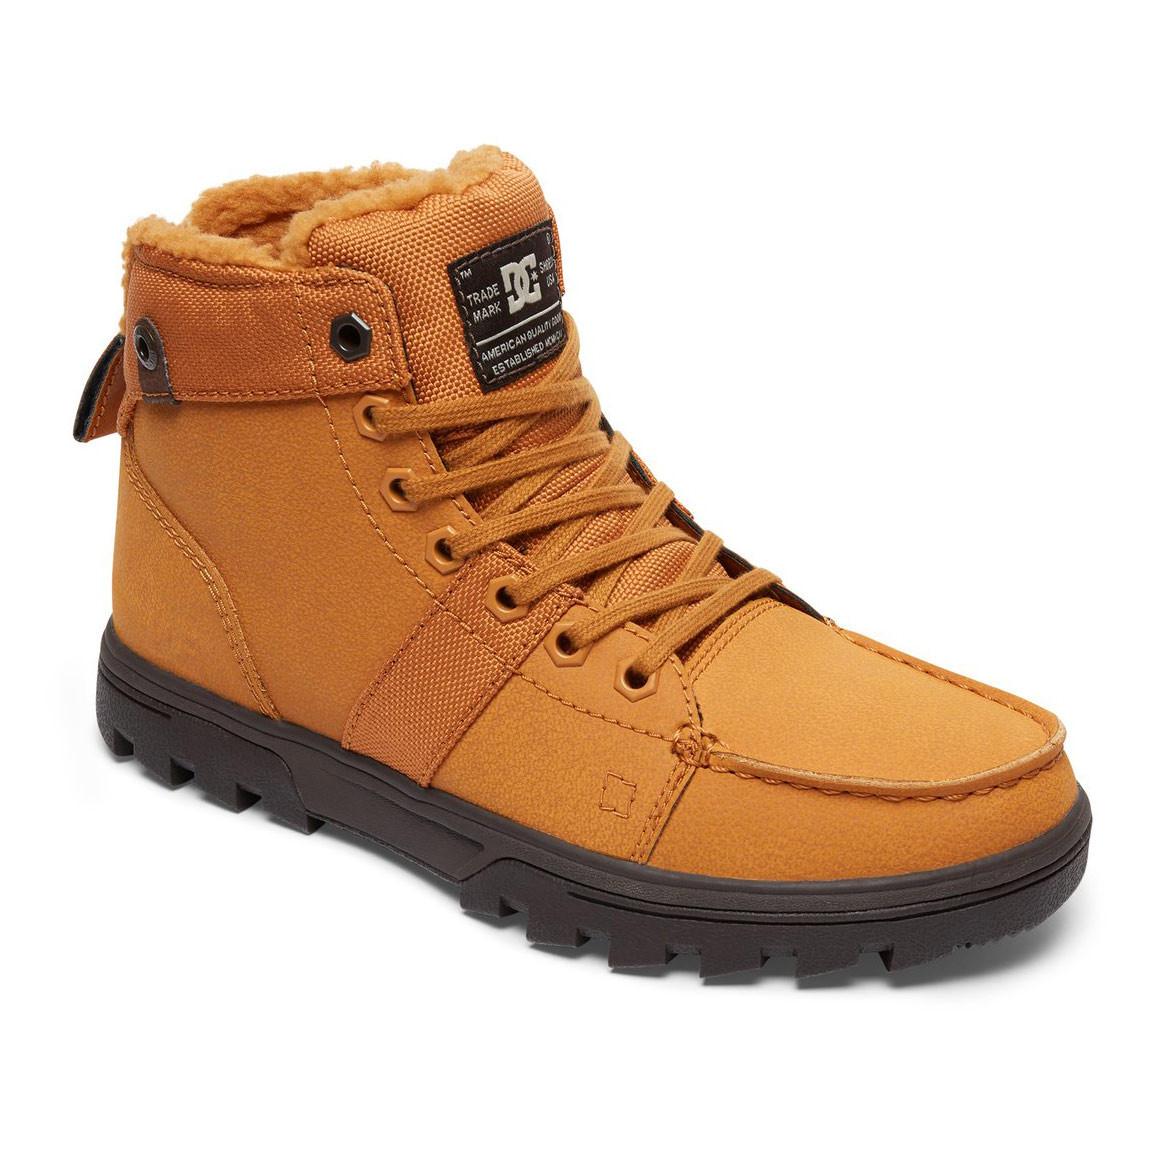 Zimní boty DC Woodland Wms wheat